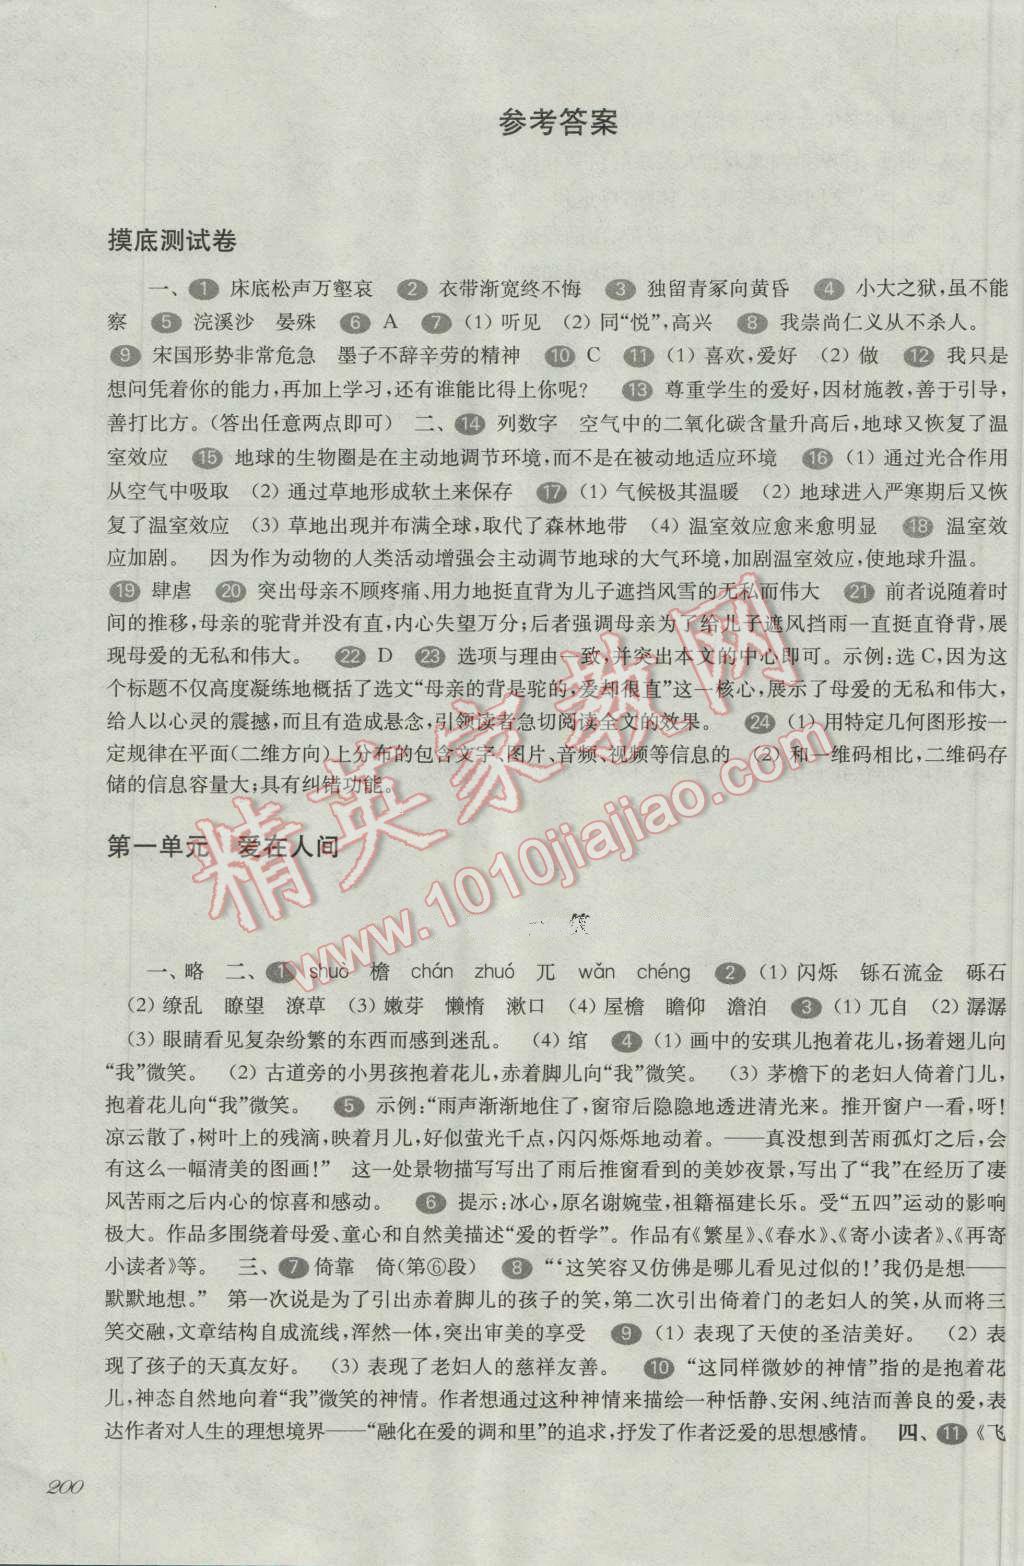 2016年华东师大版一课一练八年级语文第一学期第1页